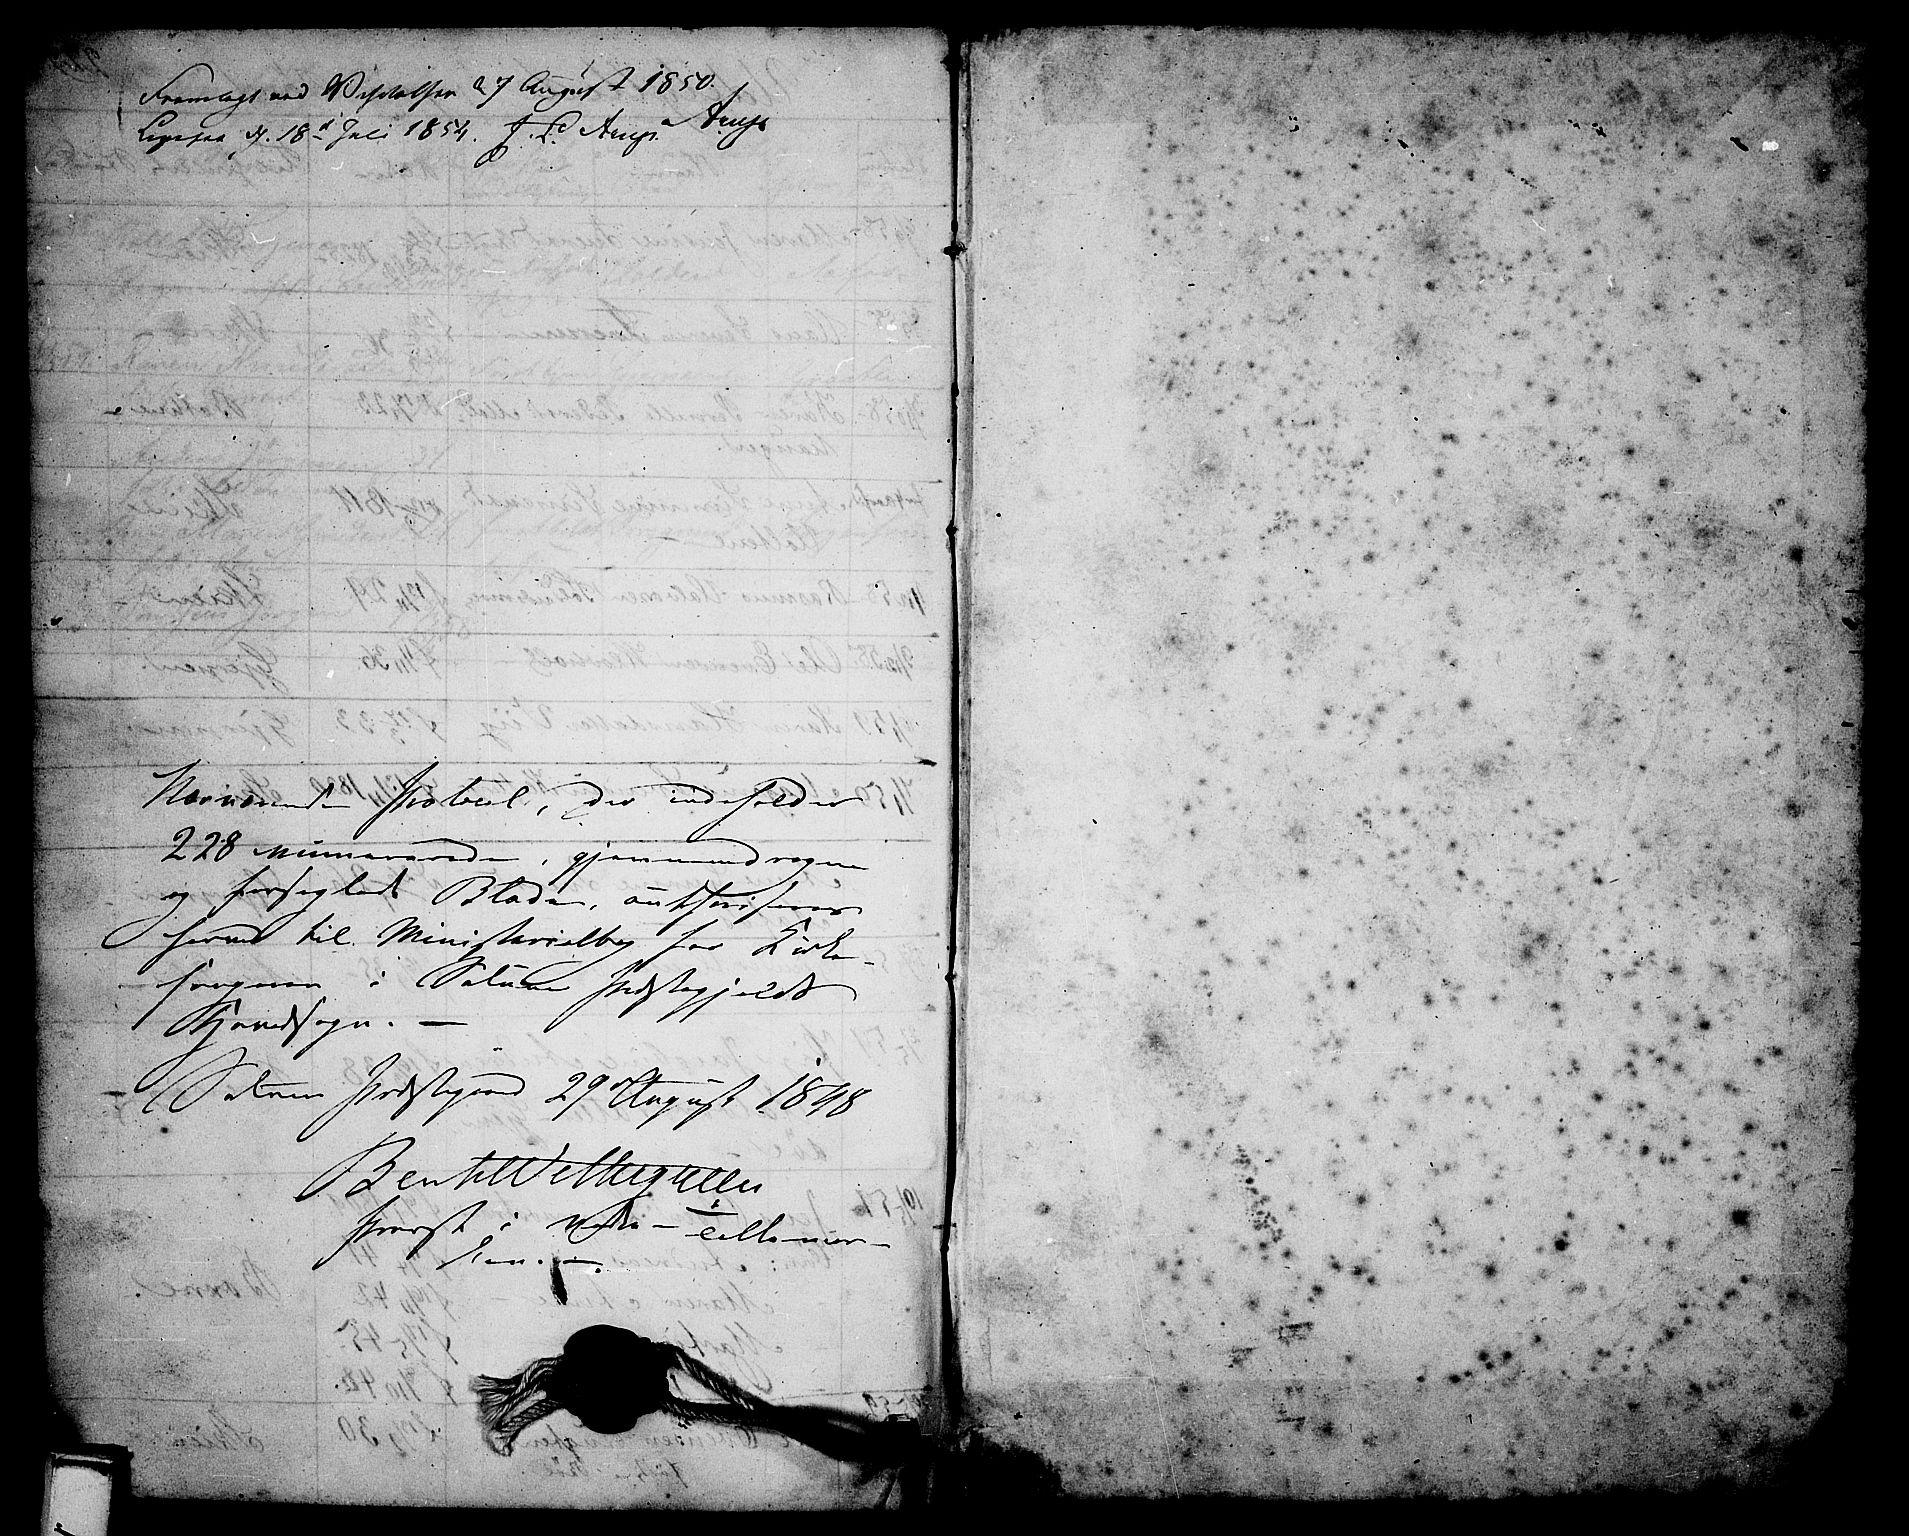 SAKO, Solum kirkebøker, G/Ga/L0003: Klokkerbok nr. I 3, 1848-1859